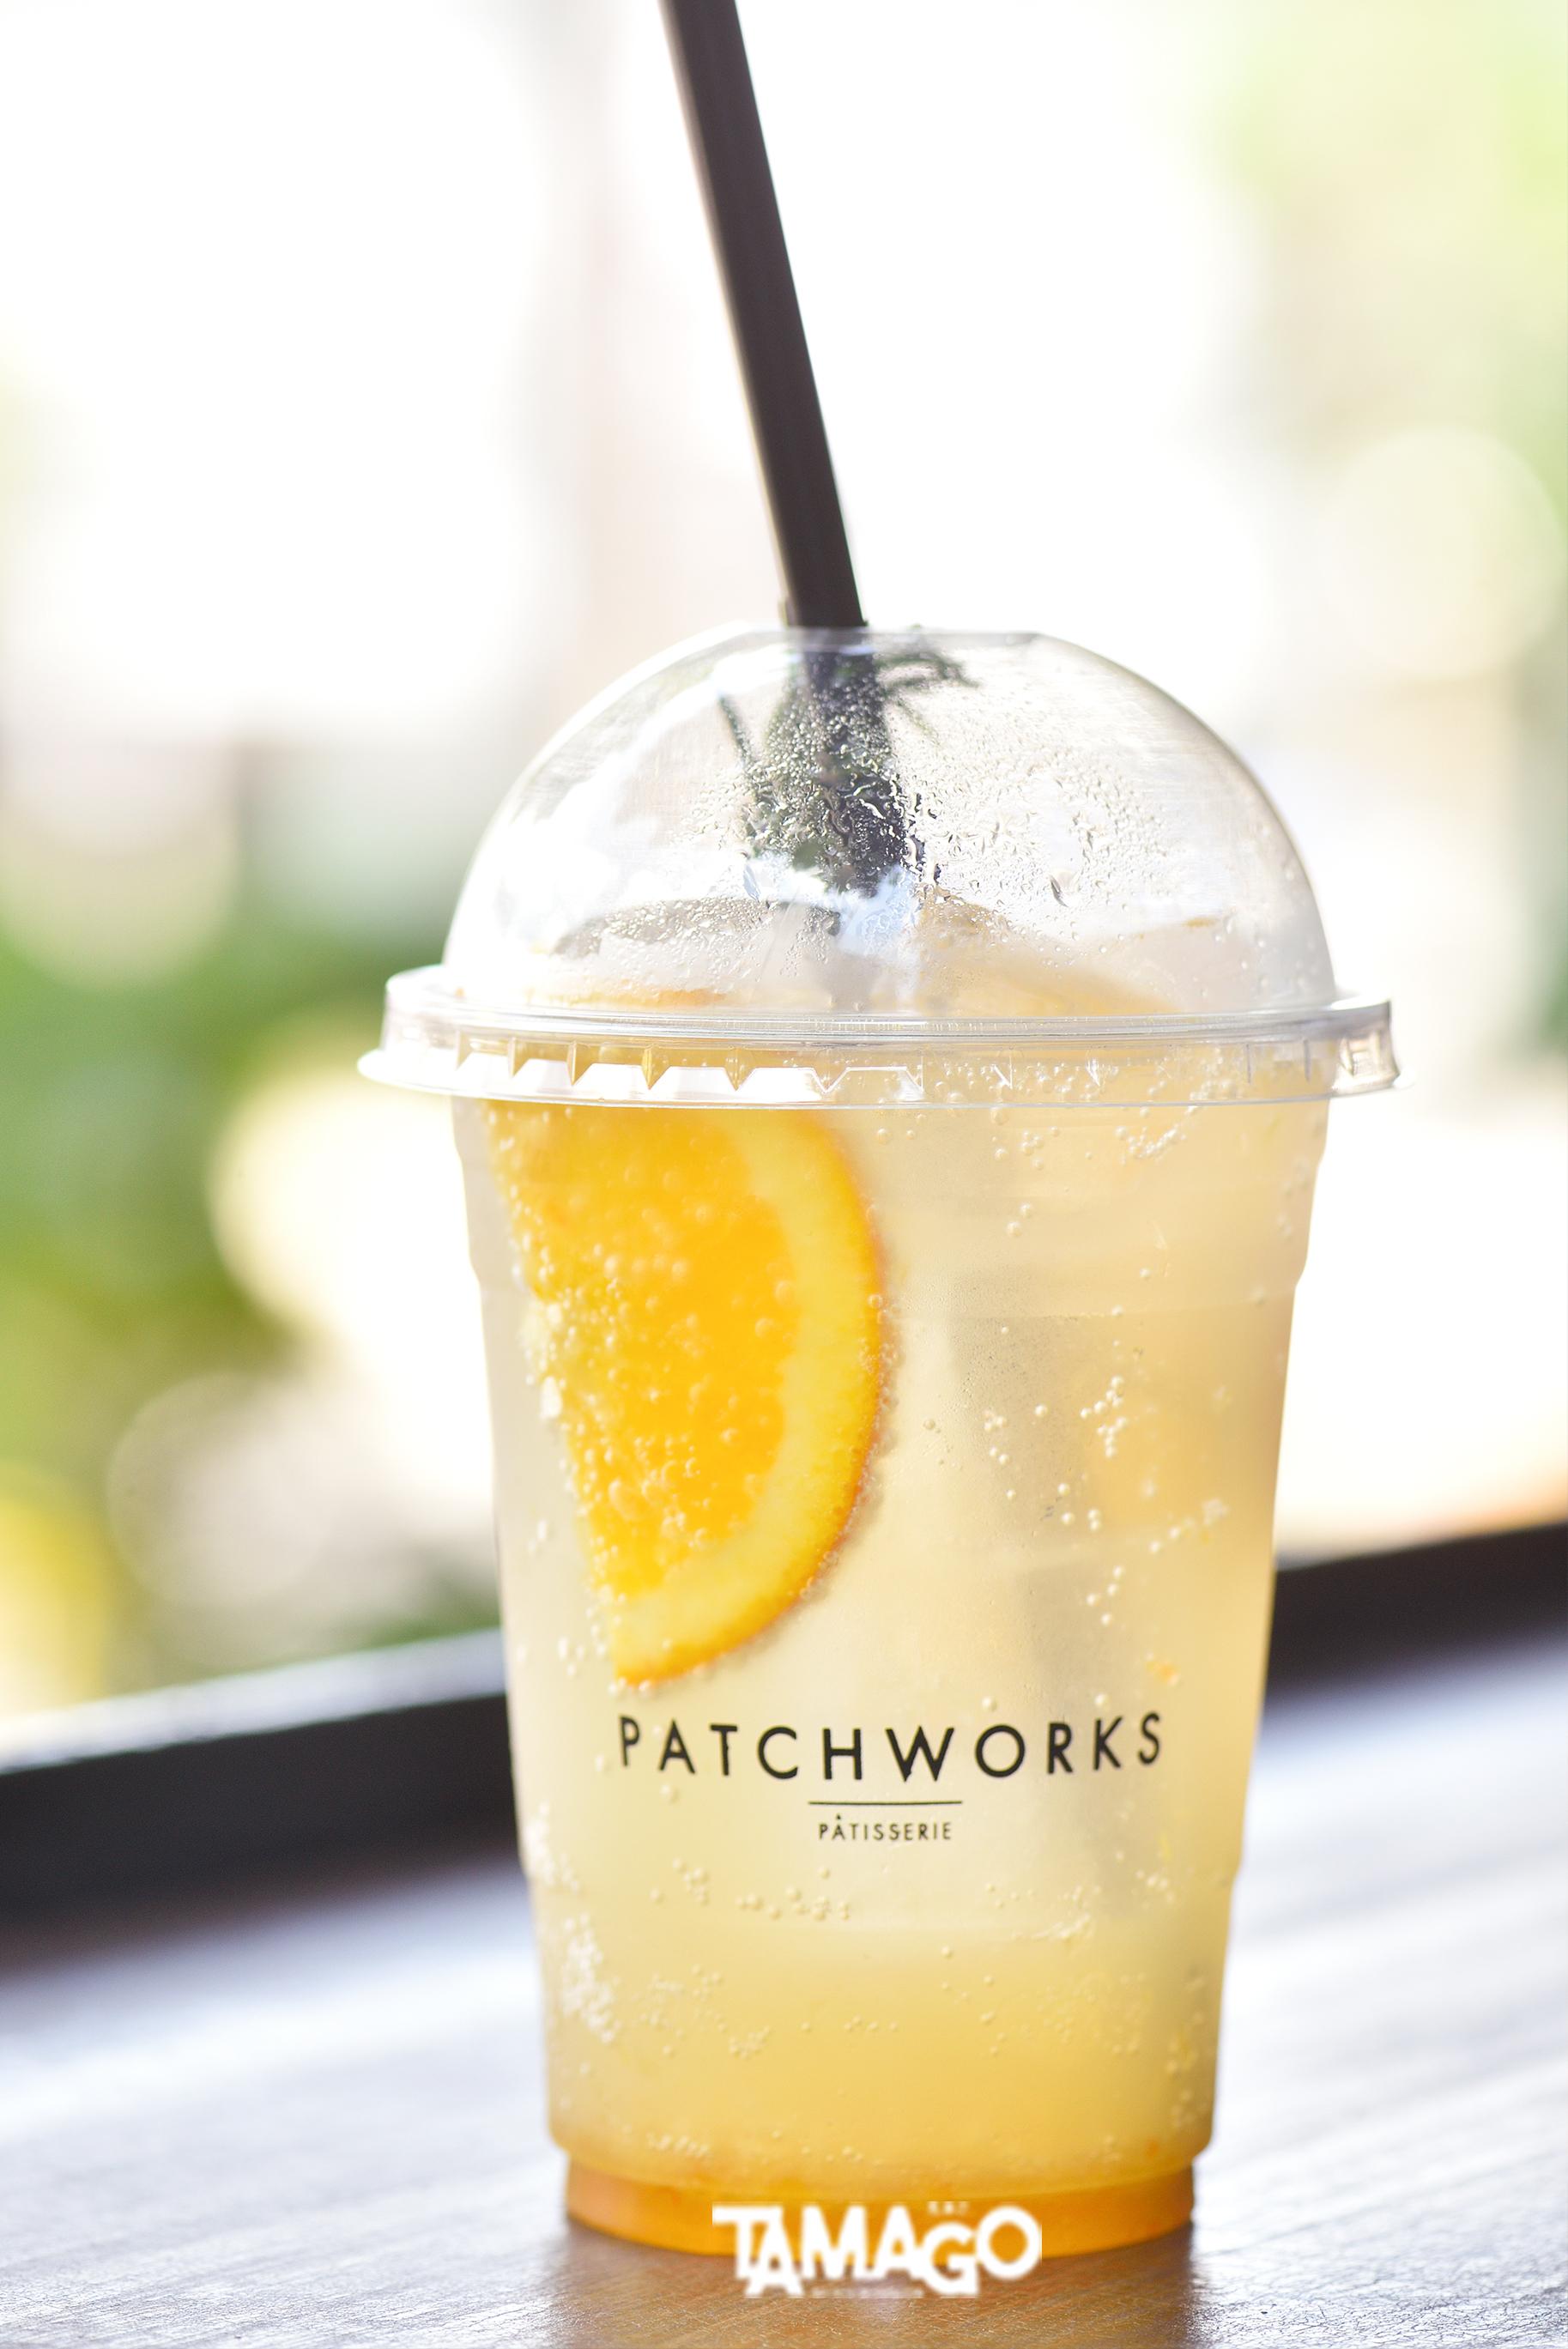 Patchworks คาเฟ่แห่งวงการคนชอบขนมหวานตัวแม่